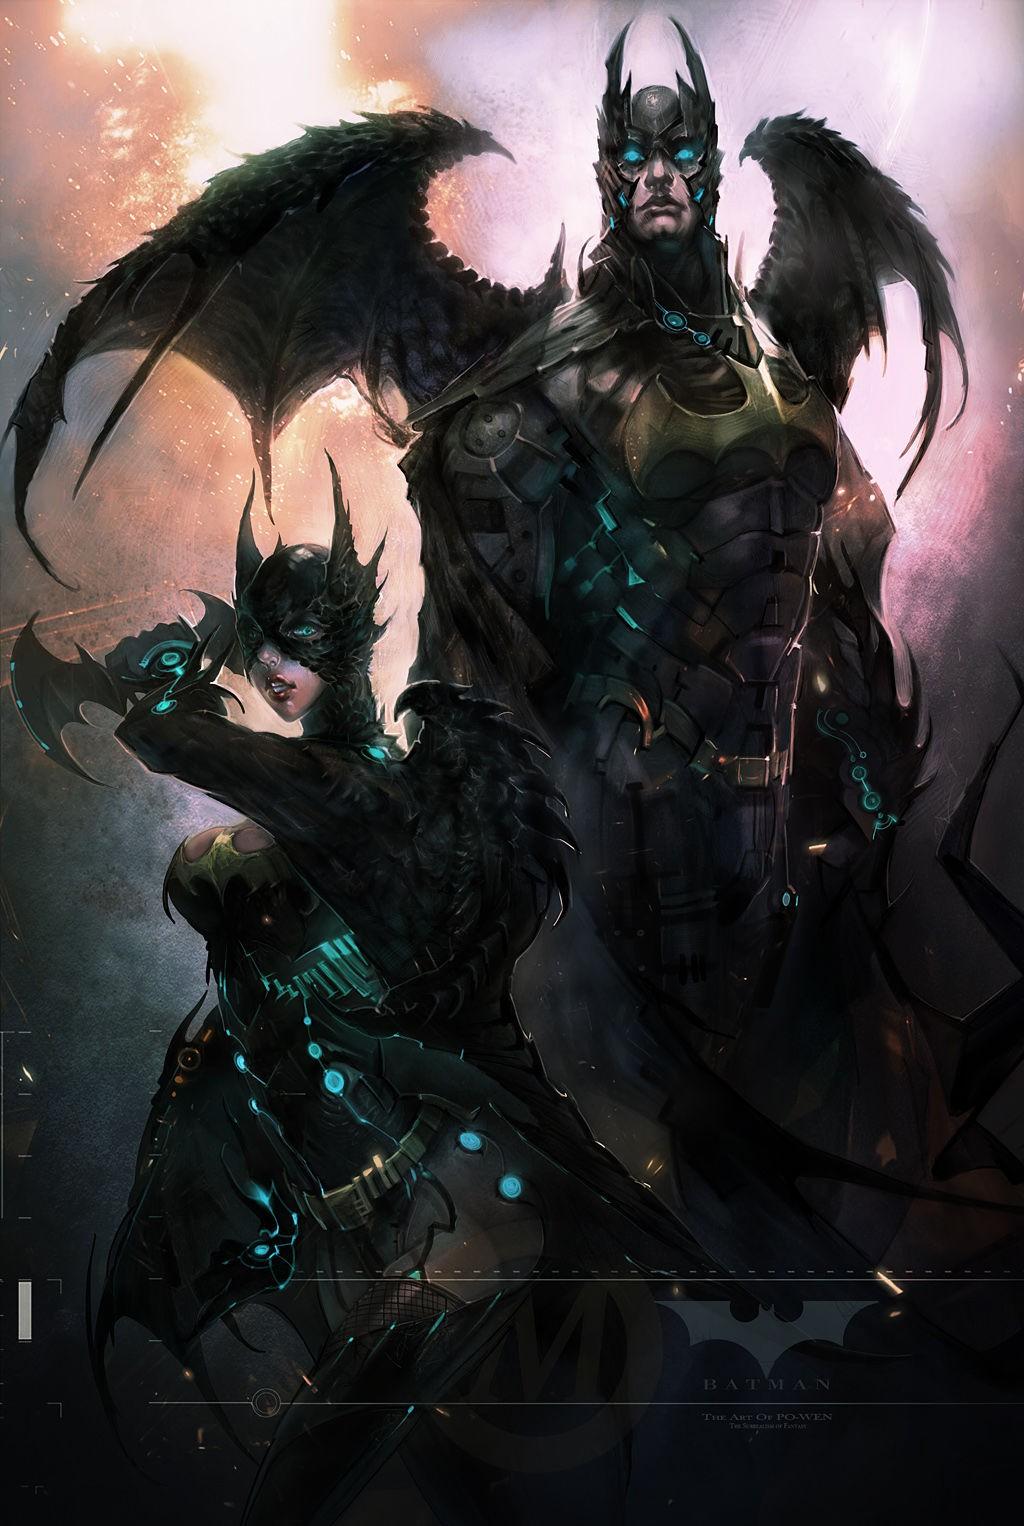 General 1024x1526 fantasy art wings Batgirl artwork